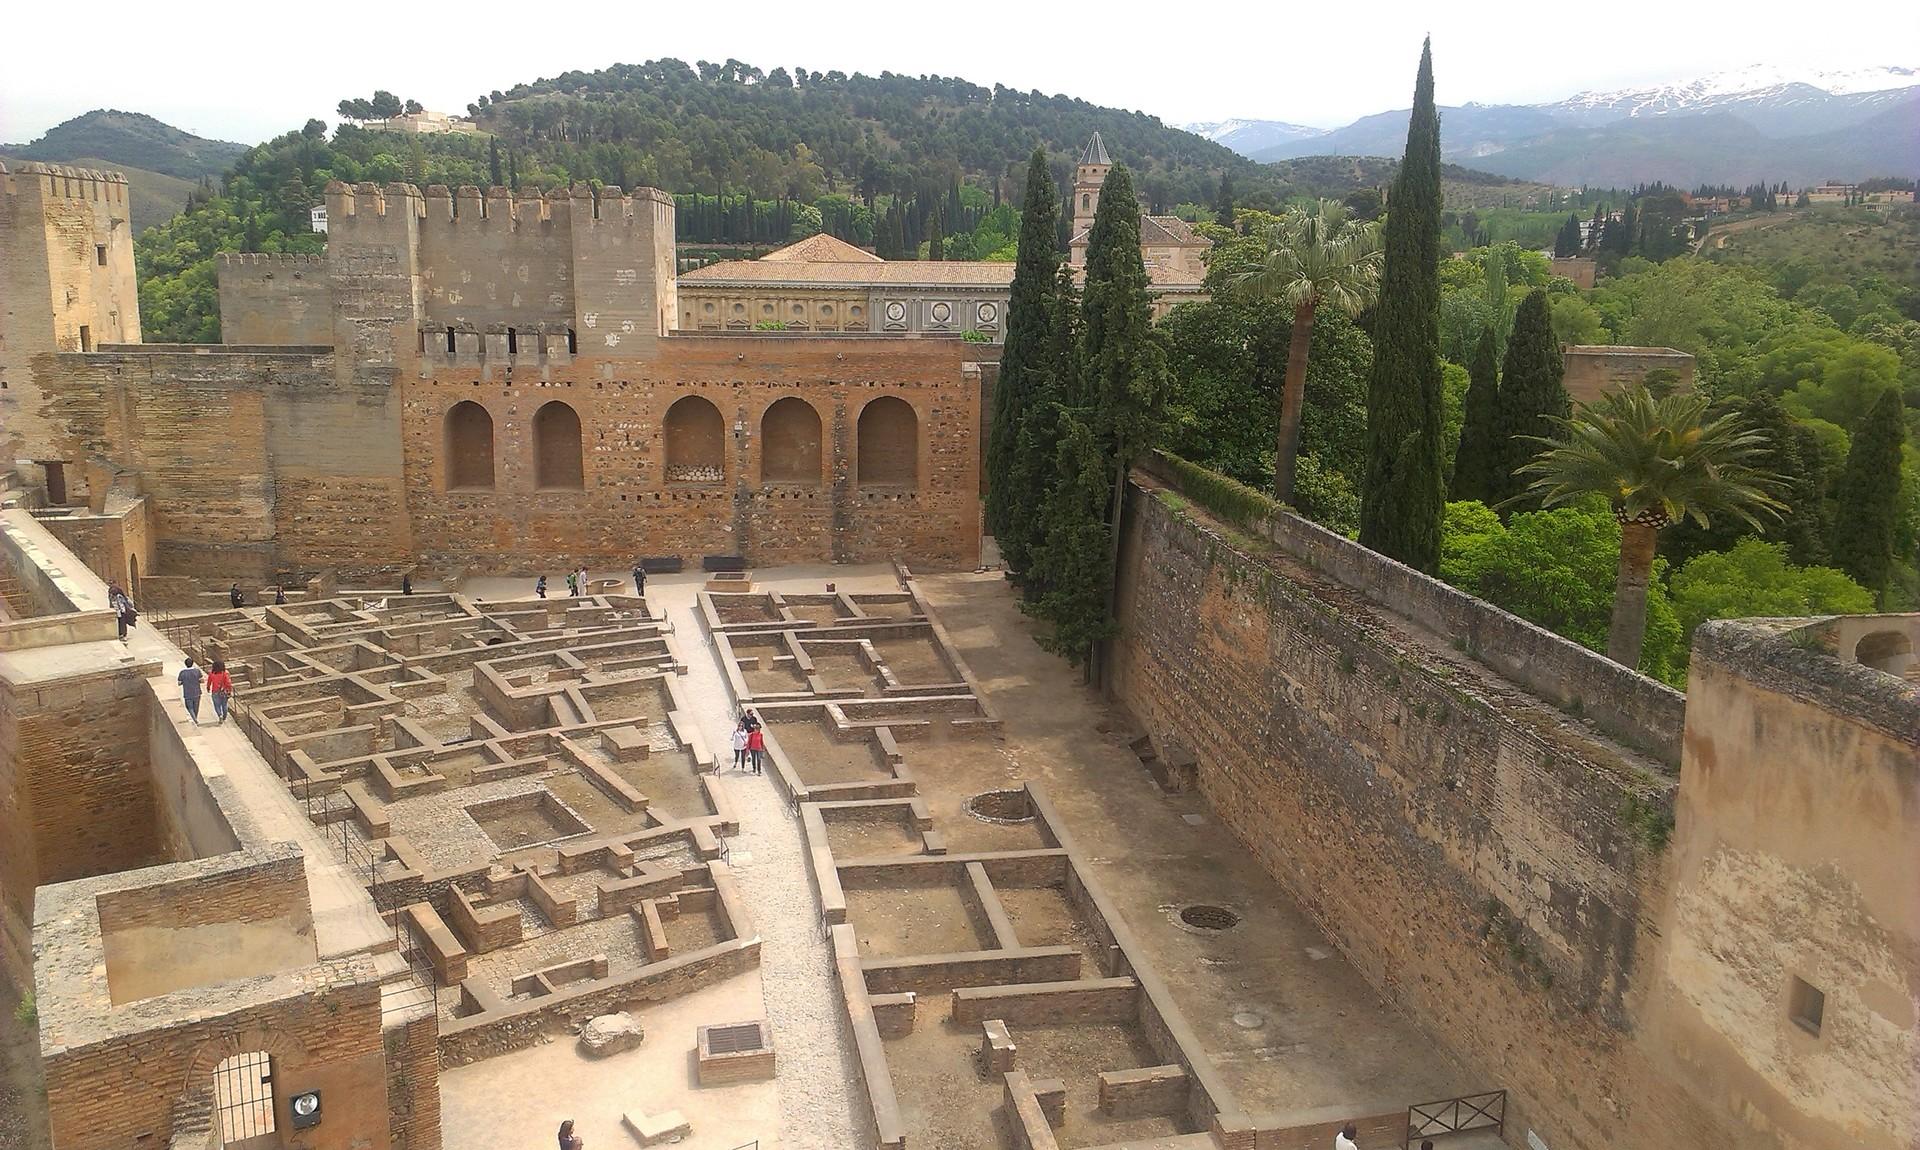 la-alhambra-cittadina-paradisiaca-3f62c3